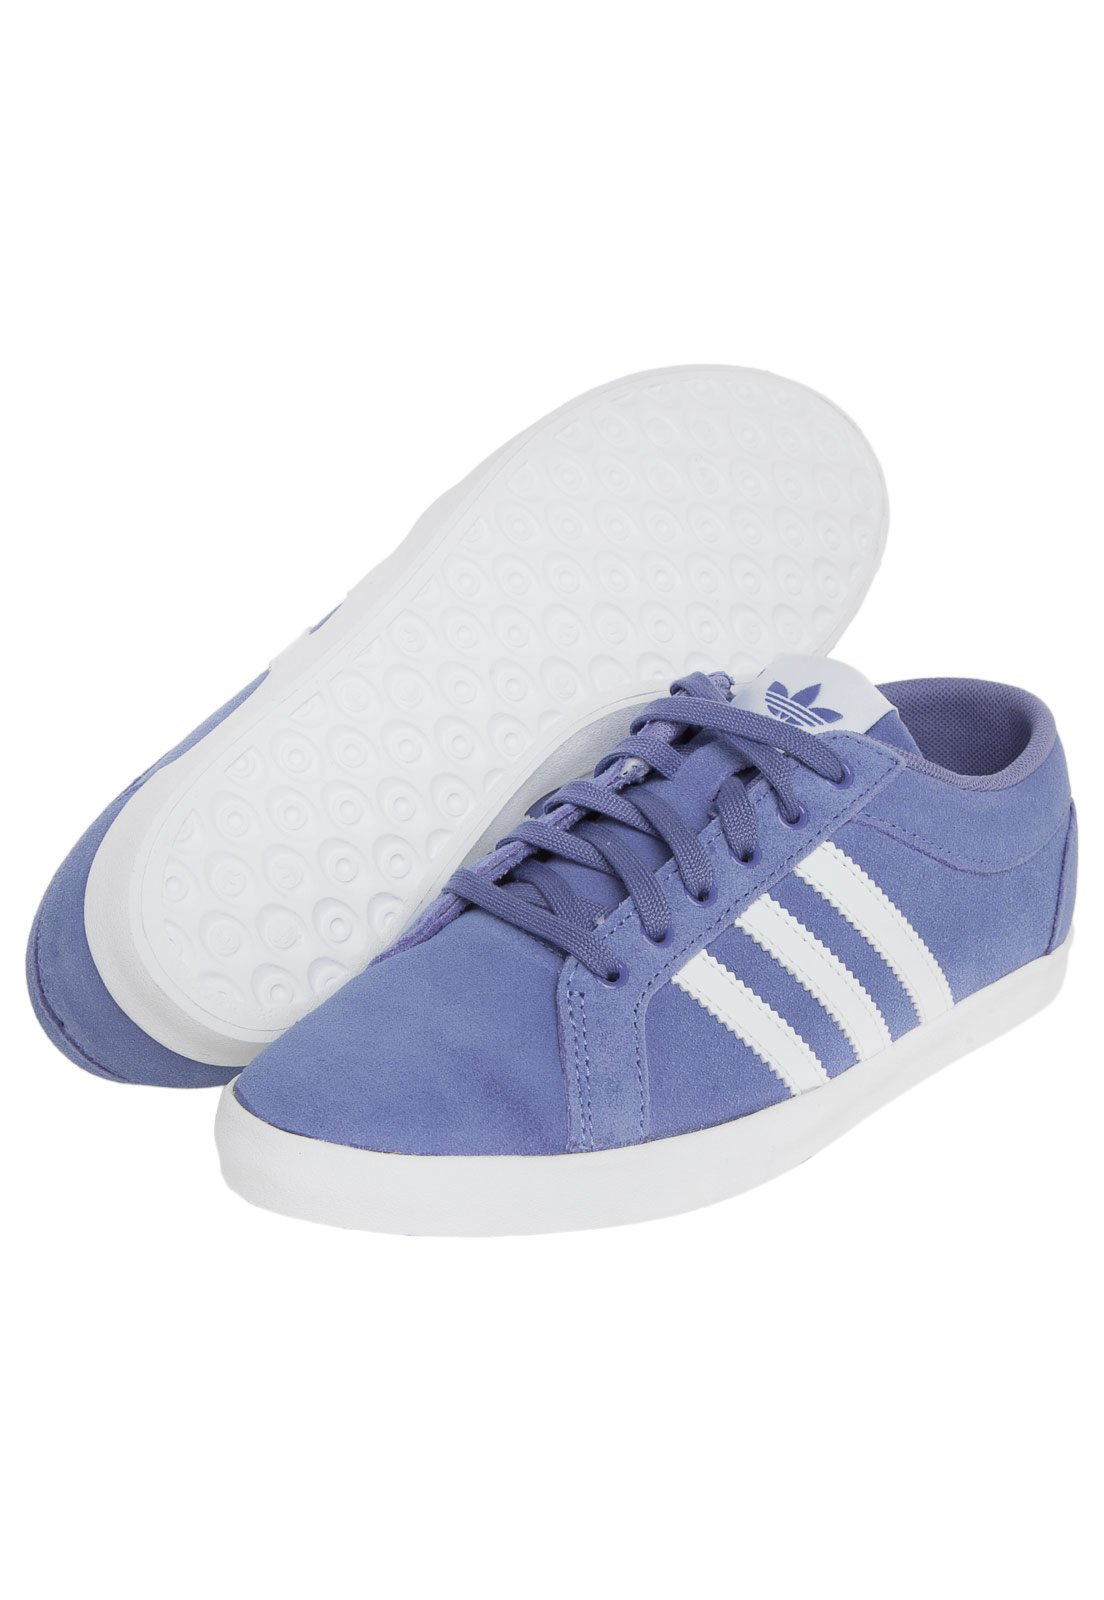 nike air max 10 chaussures - T��nis adidas Originals Adria Ps 3S W Roxo - Compre Agora | Dafiti ...